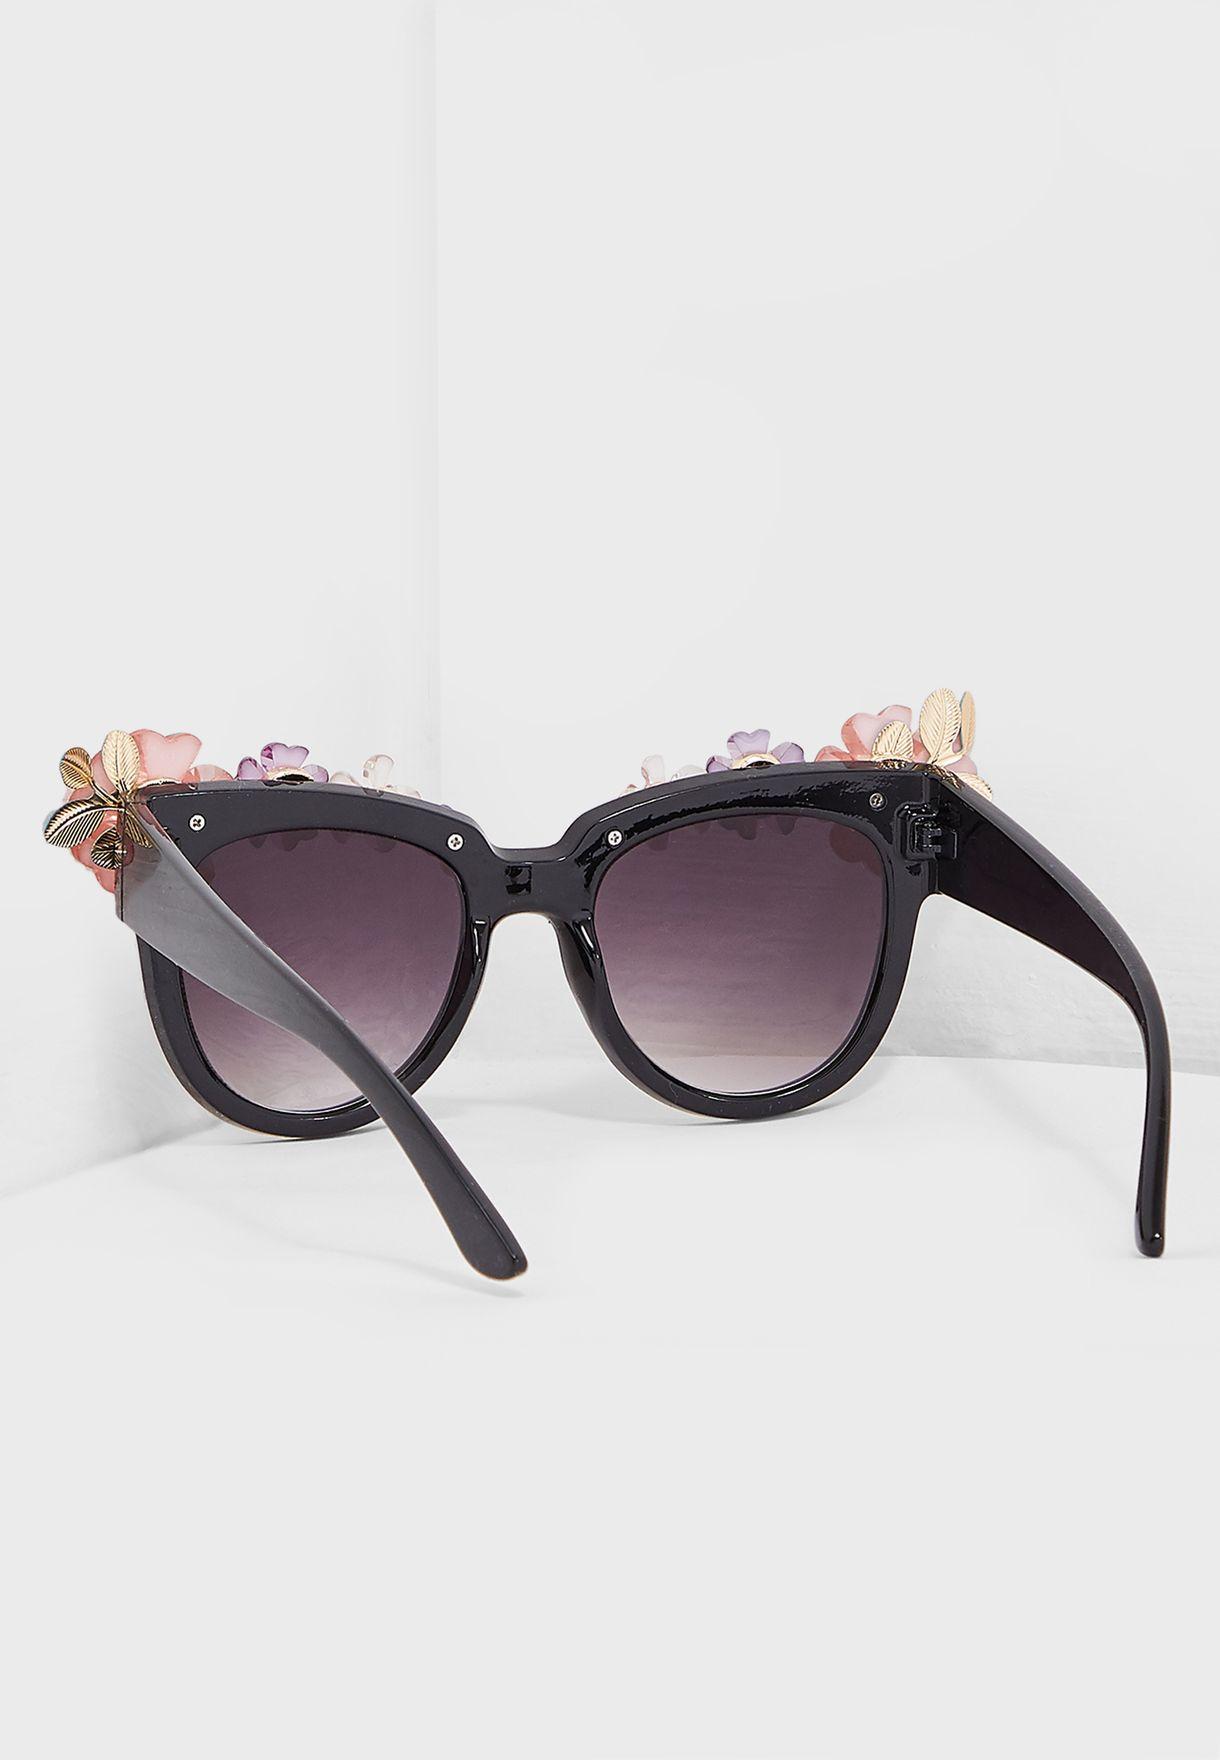 Arilan Cateye Sunglasses